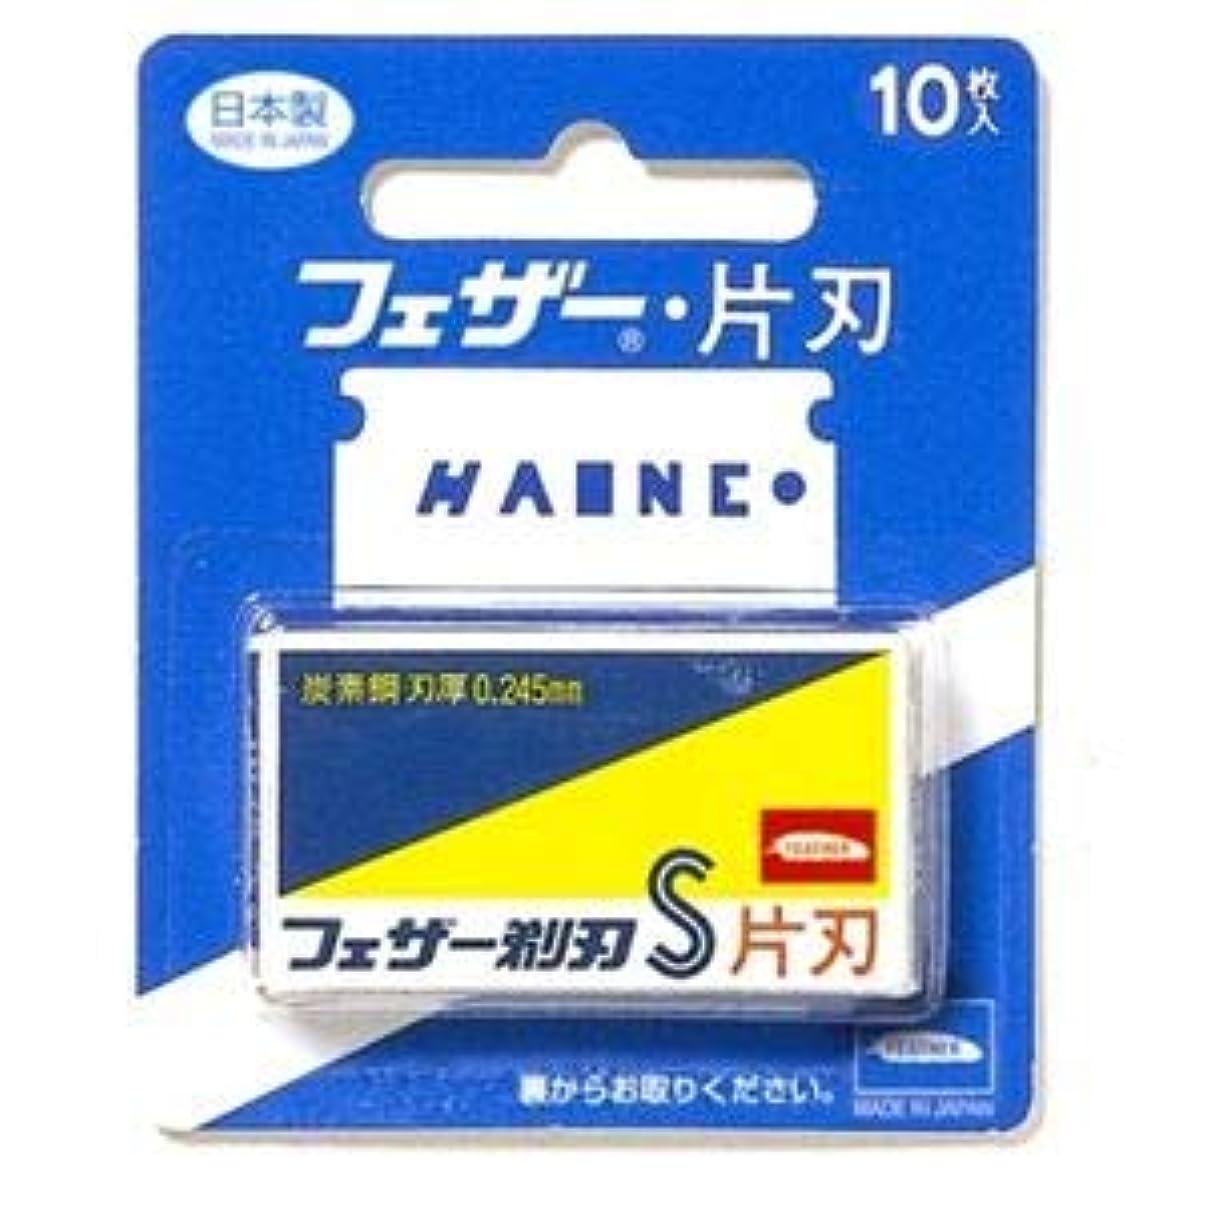 (まとめ)フェザー安全剃刃 青函片刃 10枚入 【×5点セット】